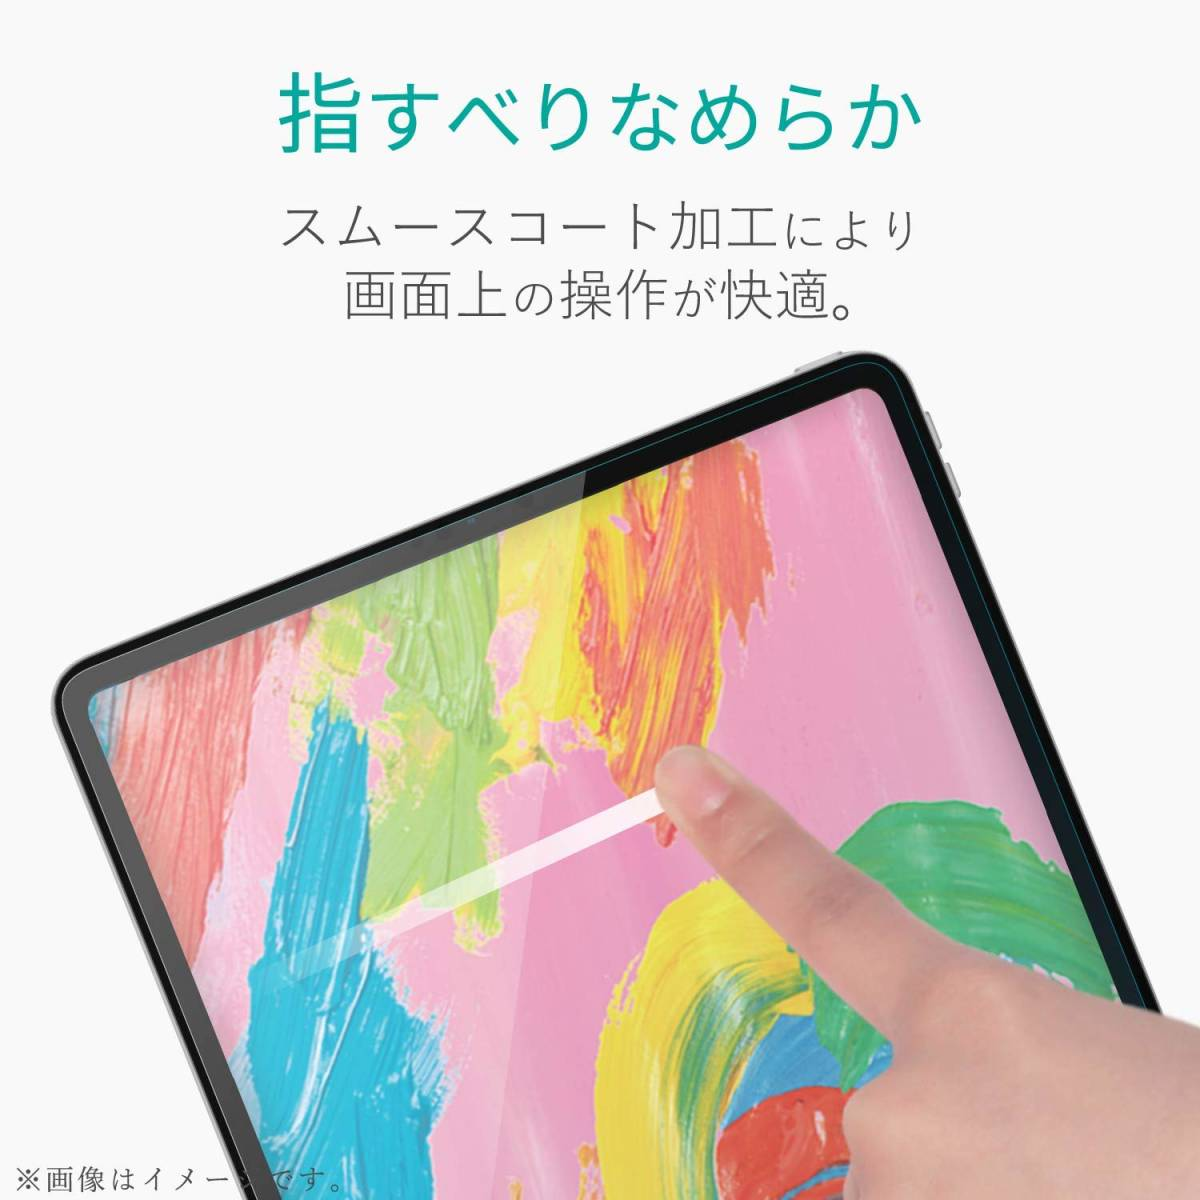 新品◆ELECOM iPad Pro 2018モデル 12.9インチ 強化ガラスフィルム◆_画像3